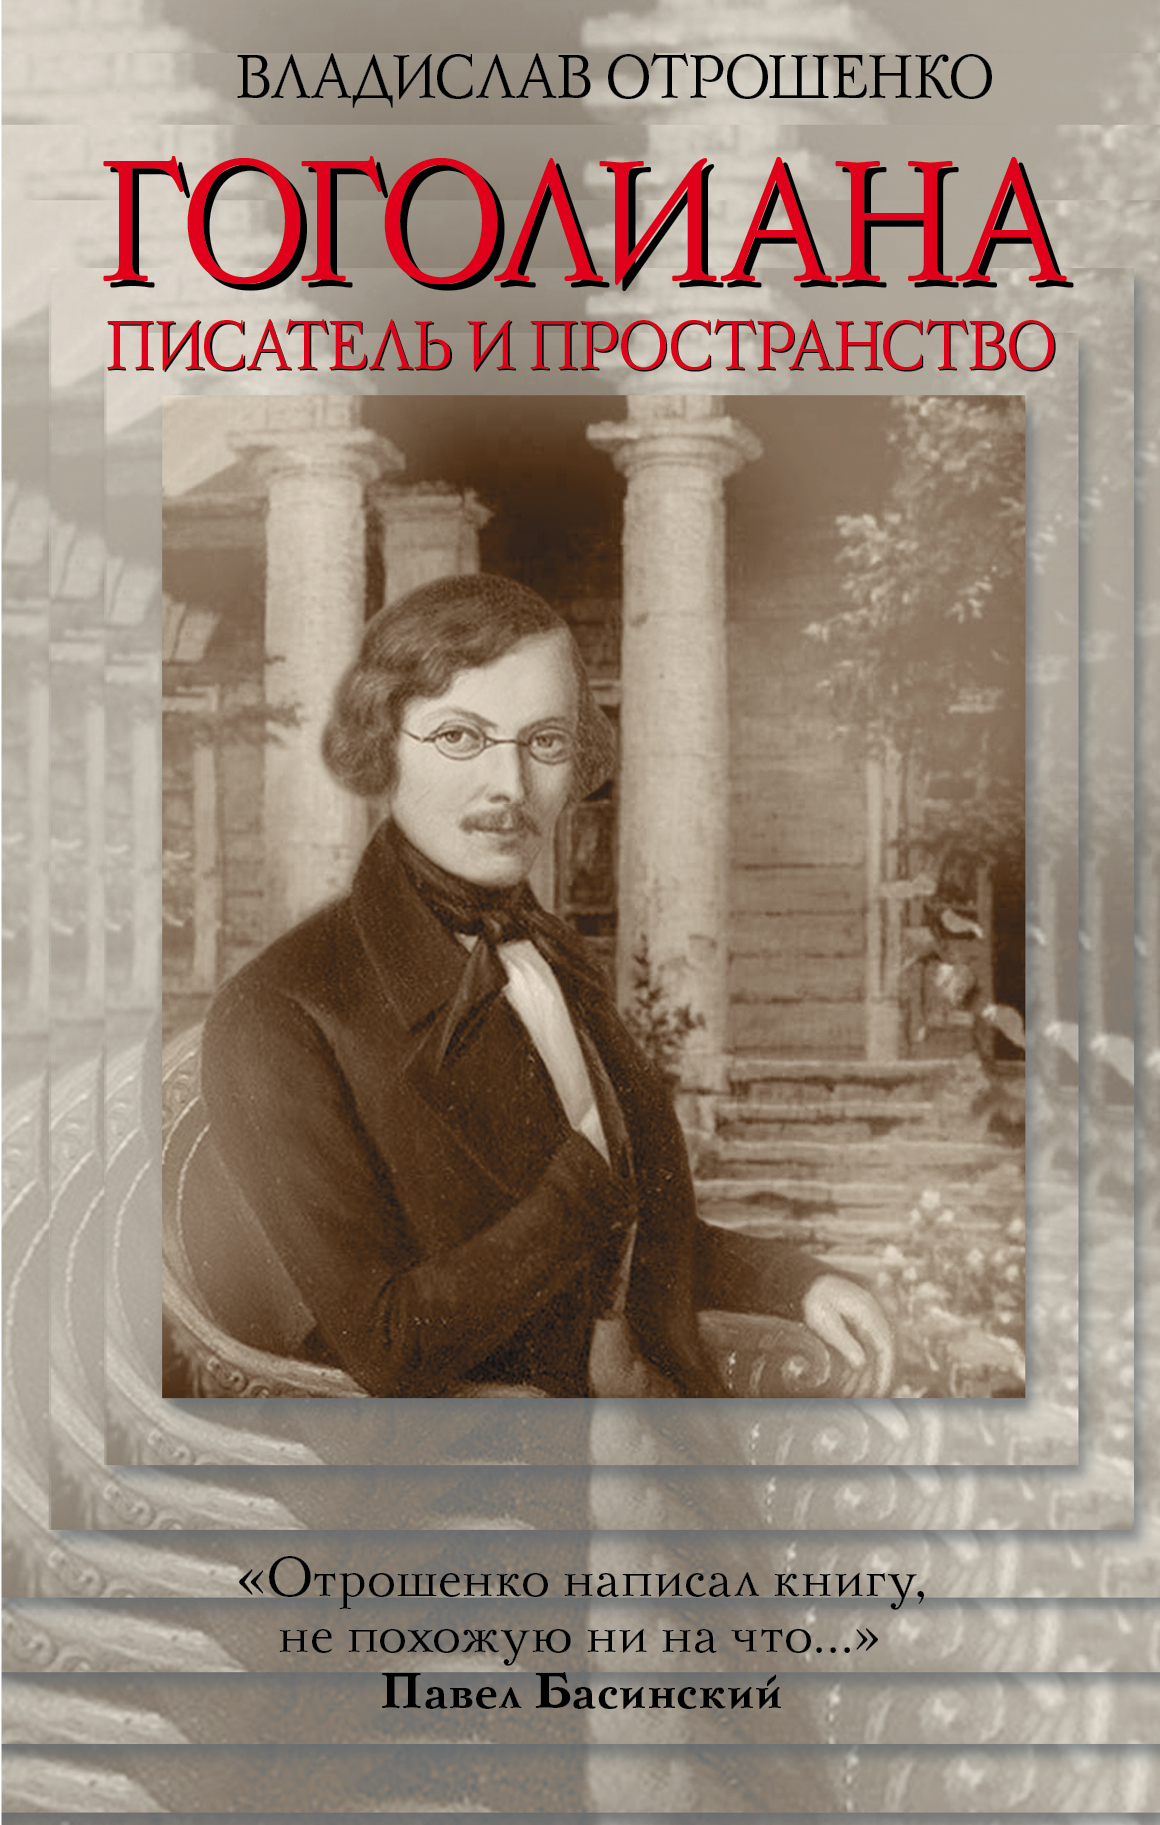 Гоголиана. Писатель и пространство